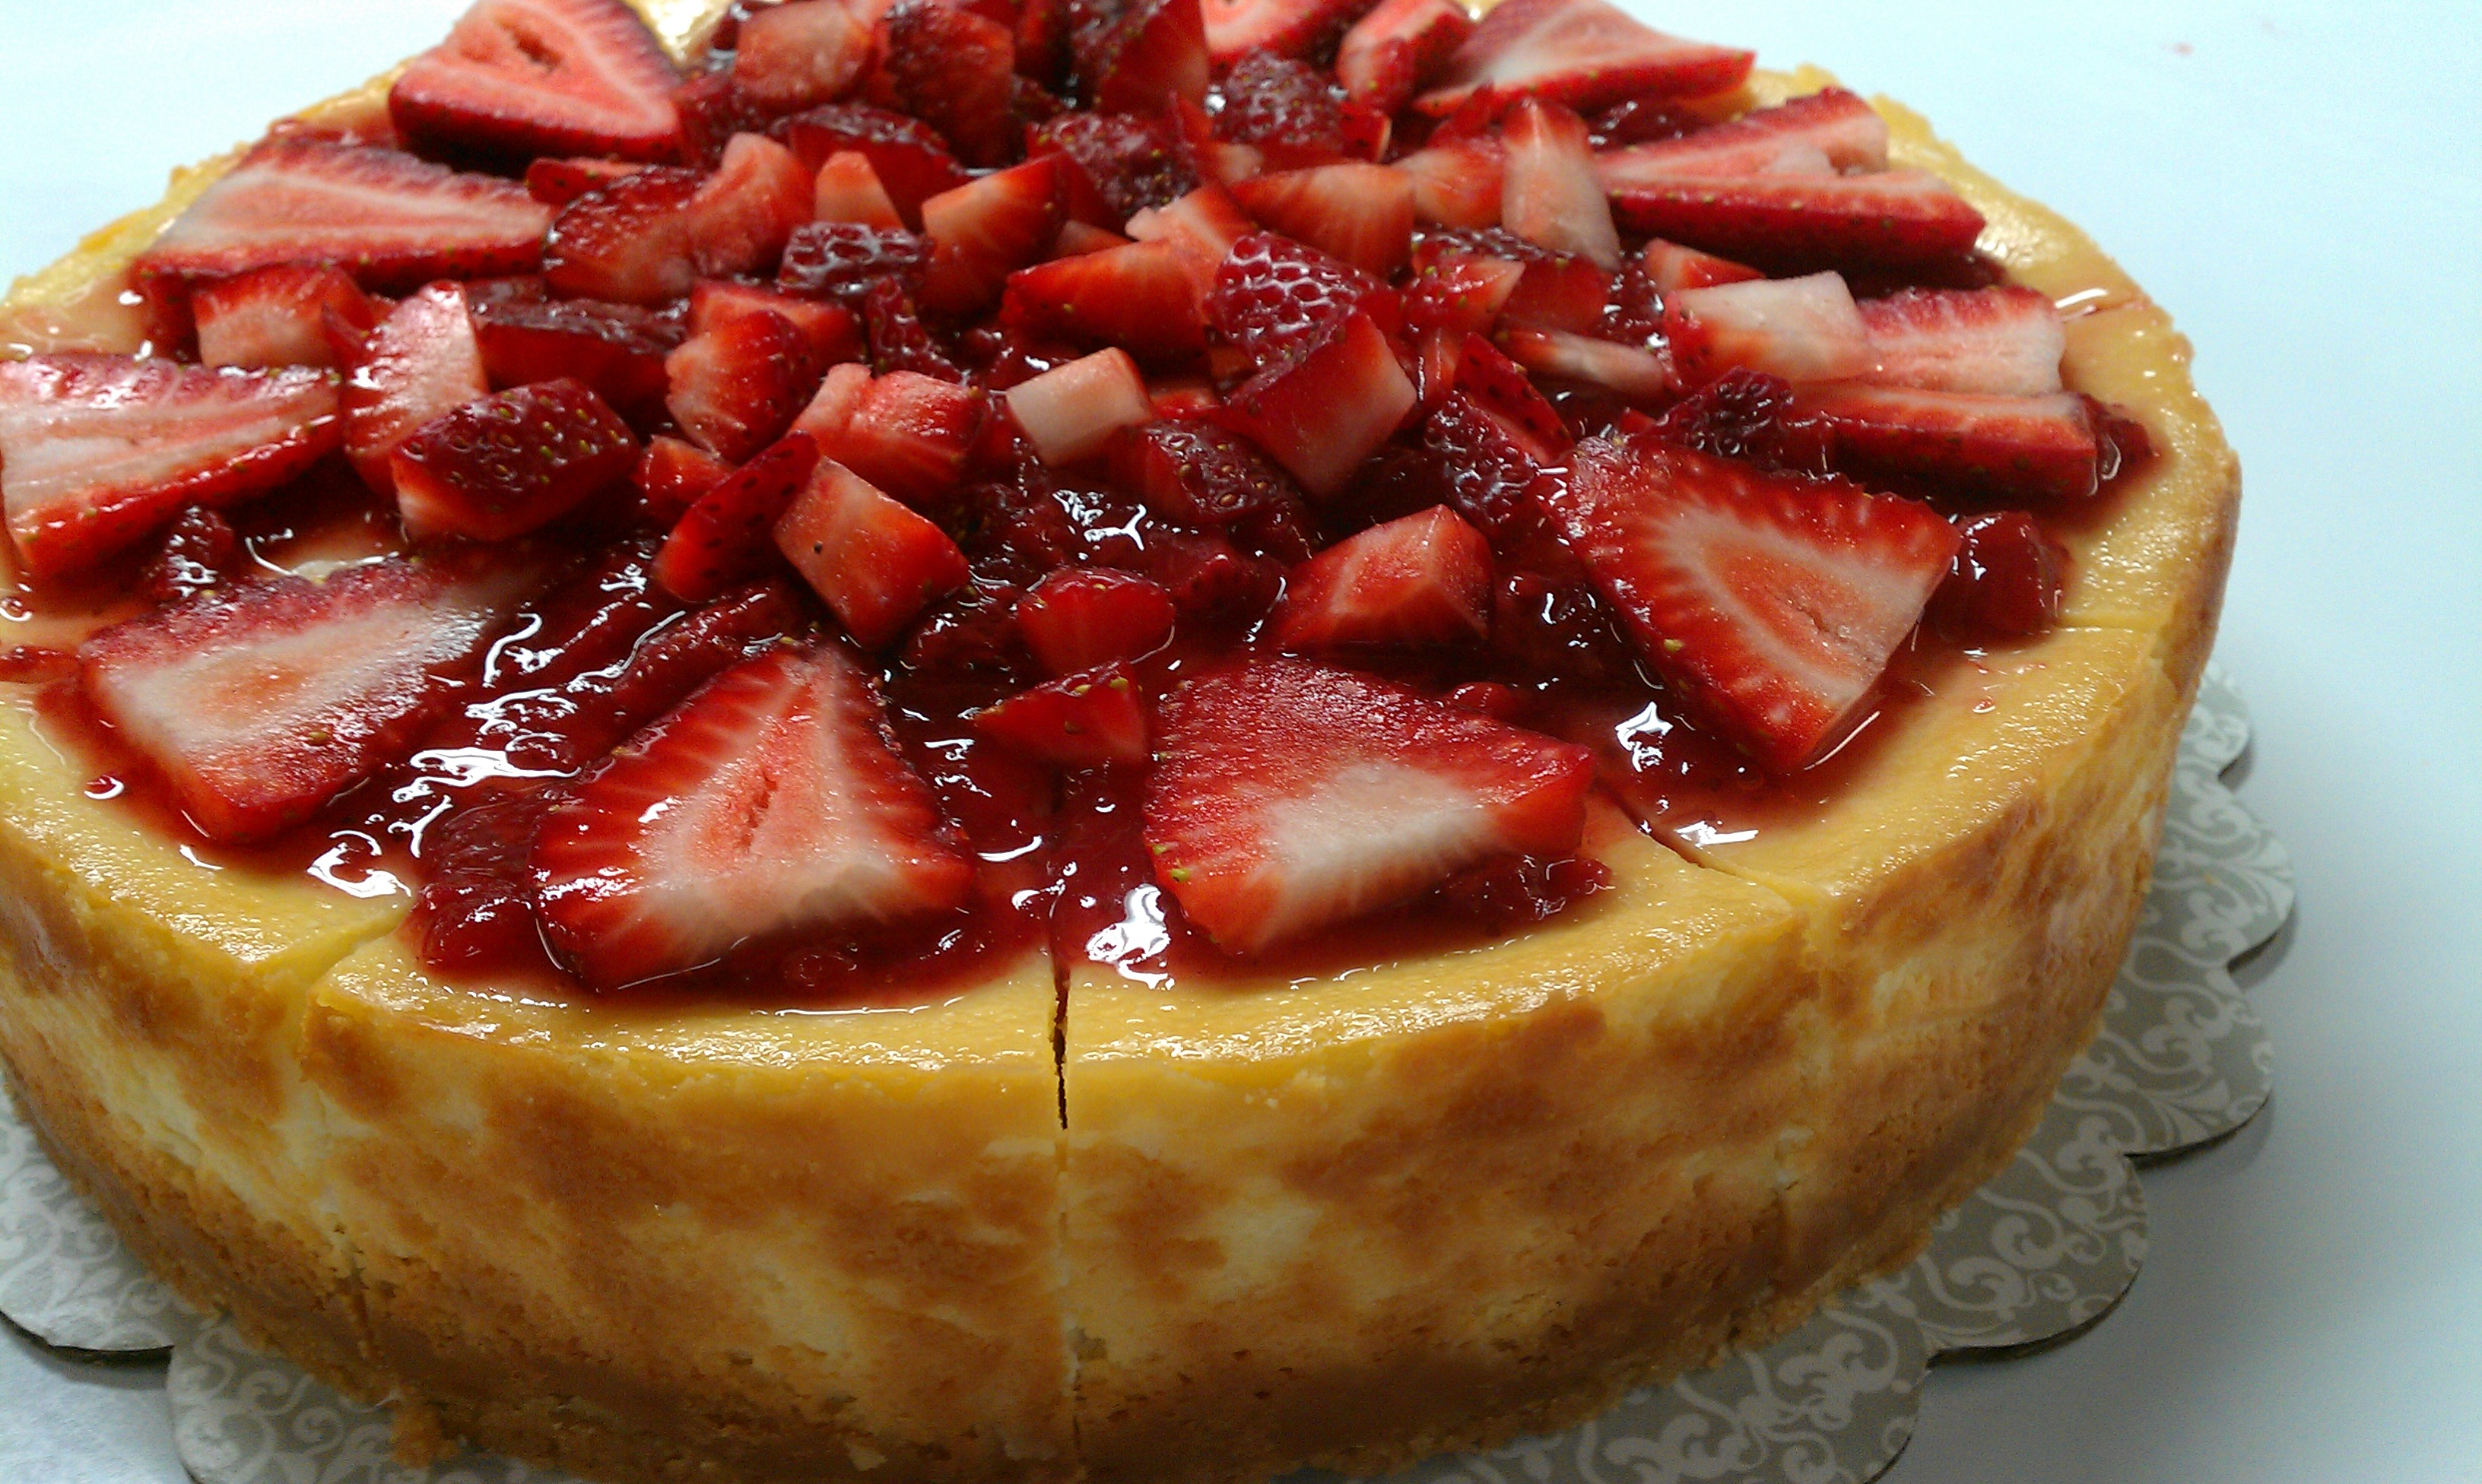 Original & Strawberry